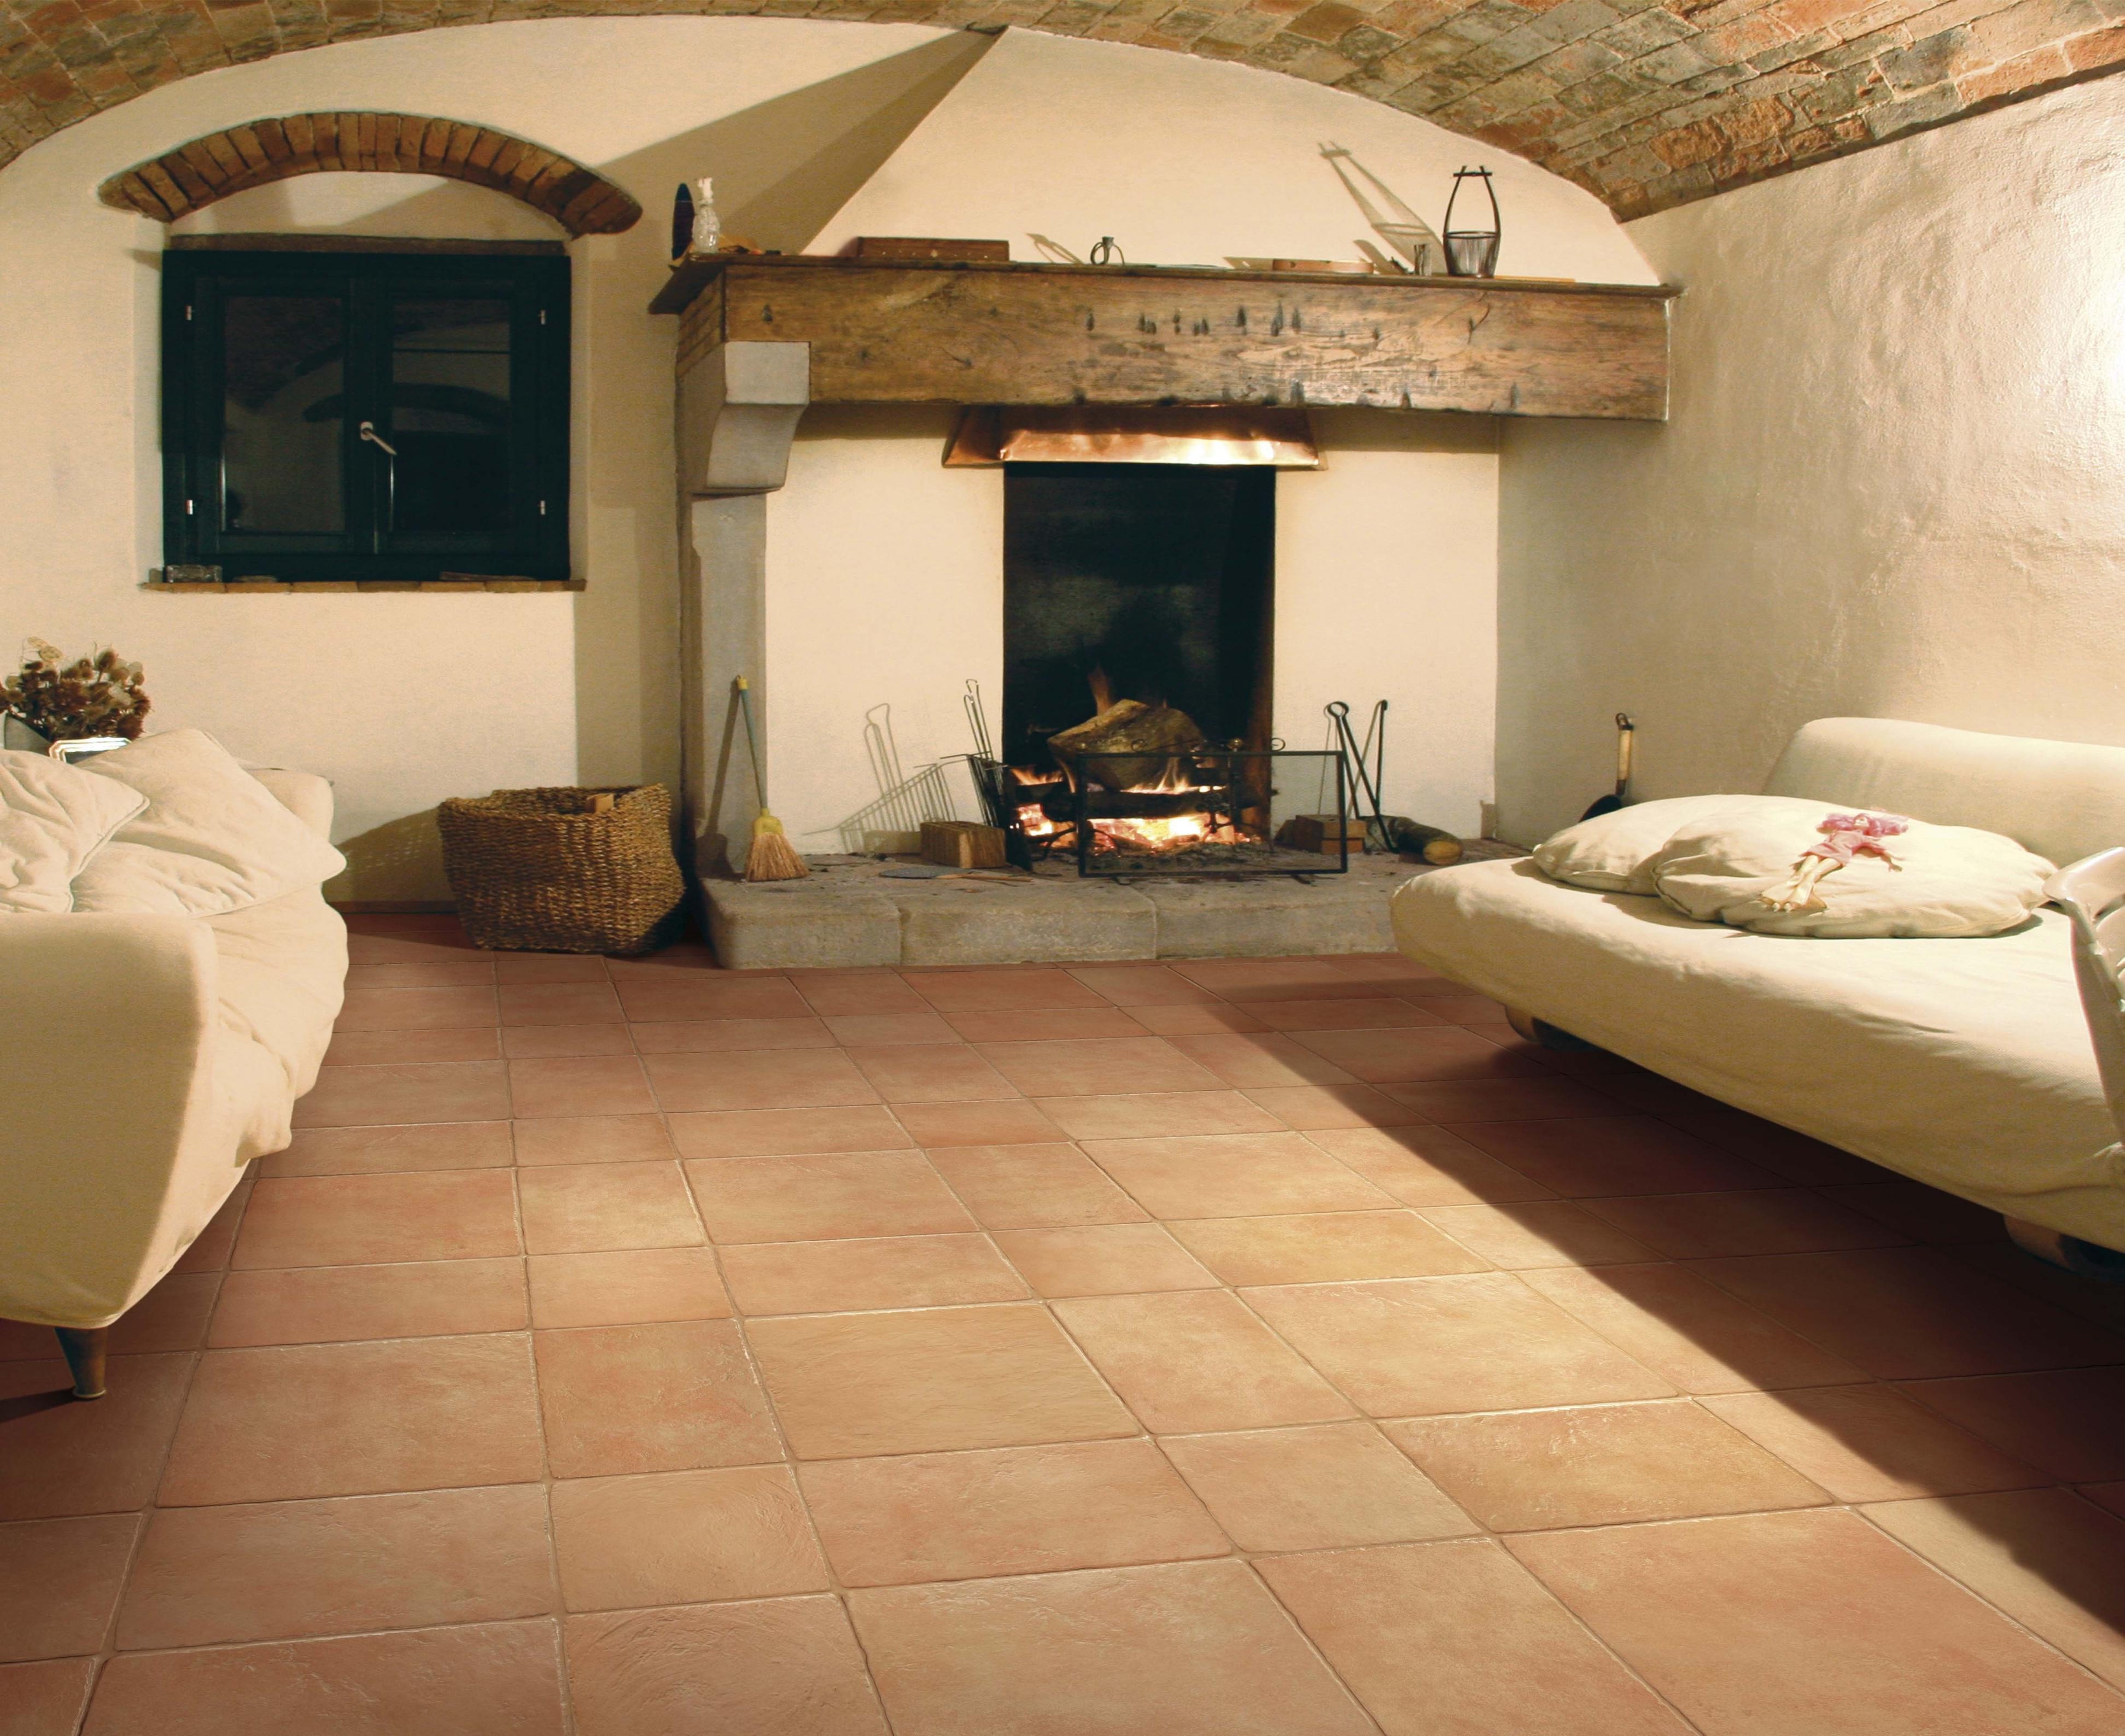 Mediterrane Fliesen Wandtattoo Fr Fliesen Blungun von Wohnzimmer Mediterran Gestalten Bild